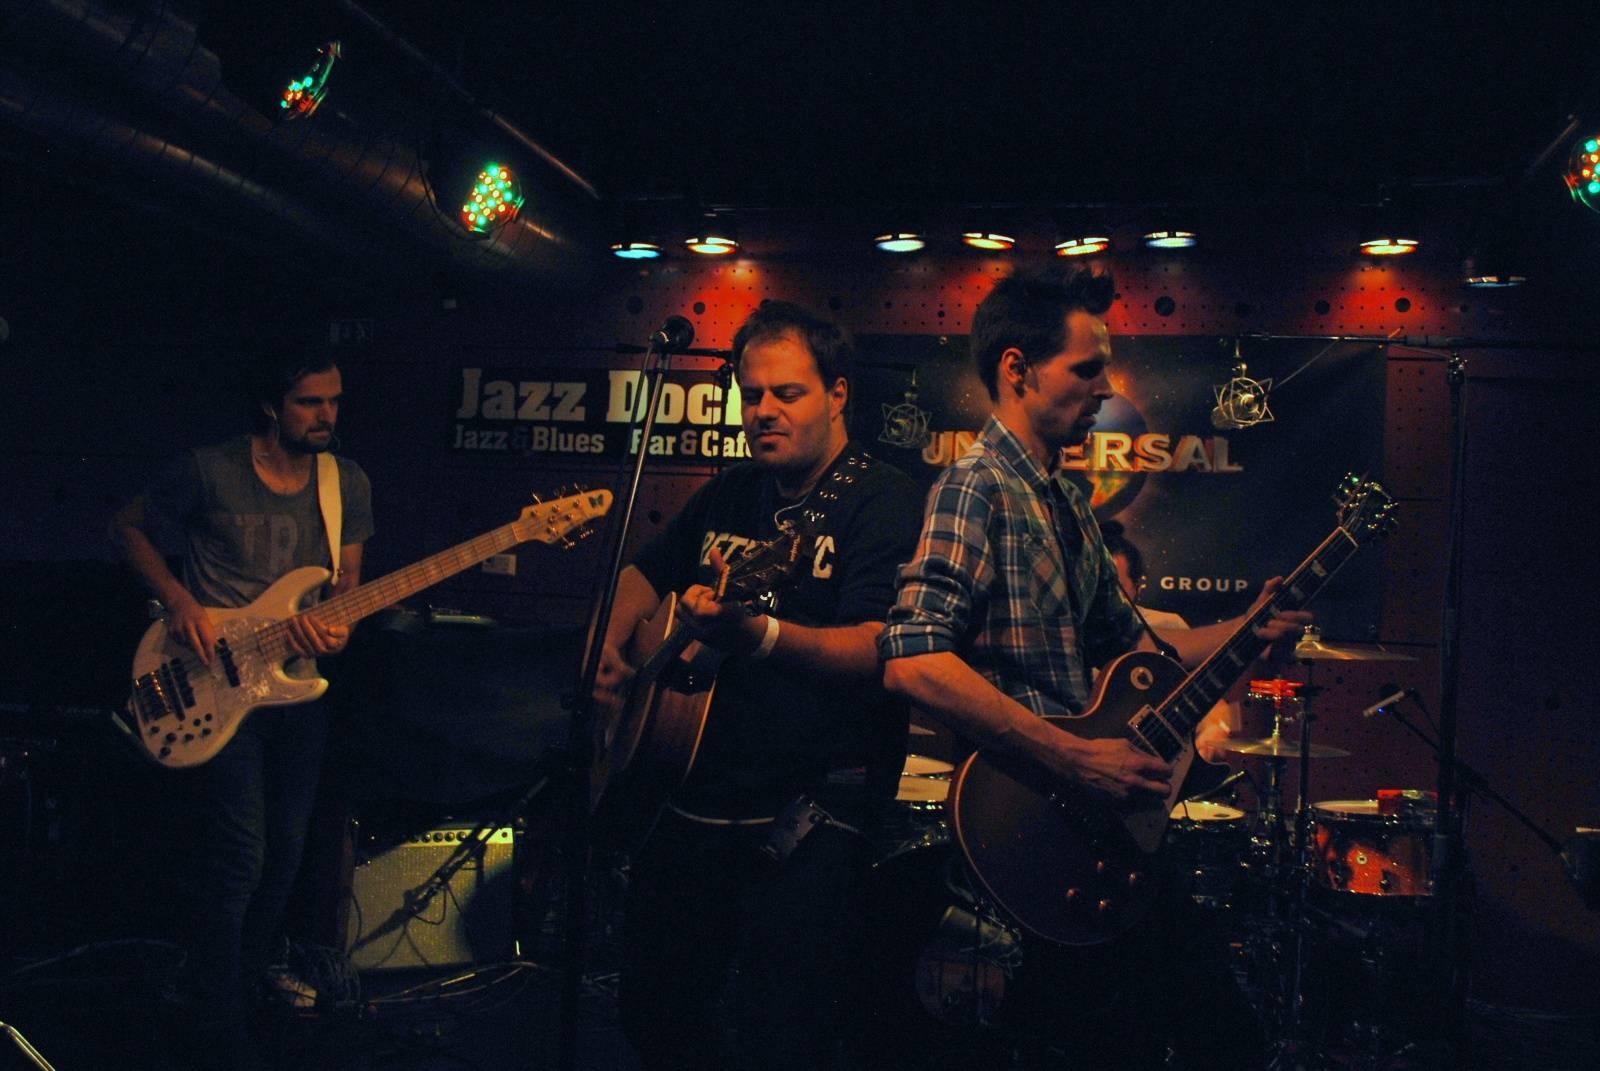 LIVE: V Jazz Docku se rozdávaly desky ze zlata a platiny, mají je Michal Horáček a spol. i Xindl X